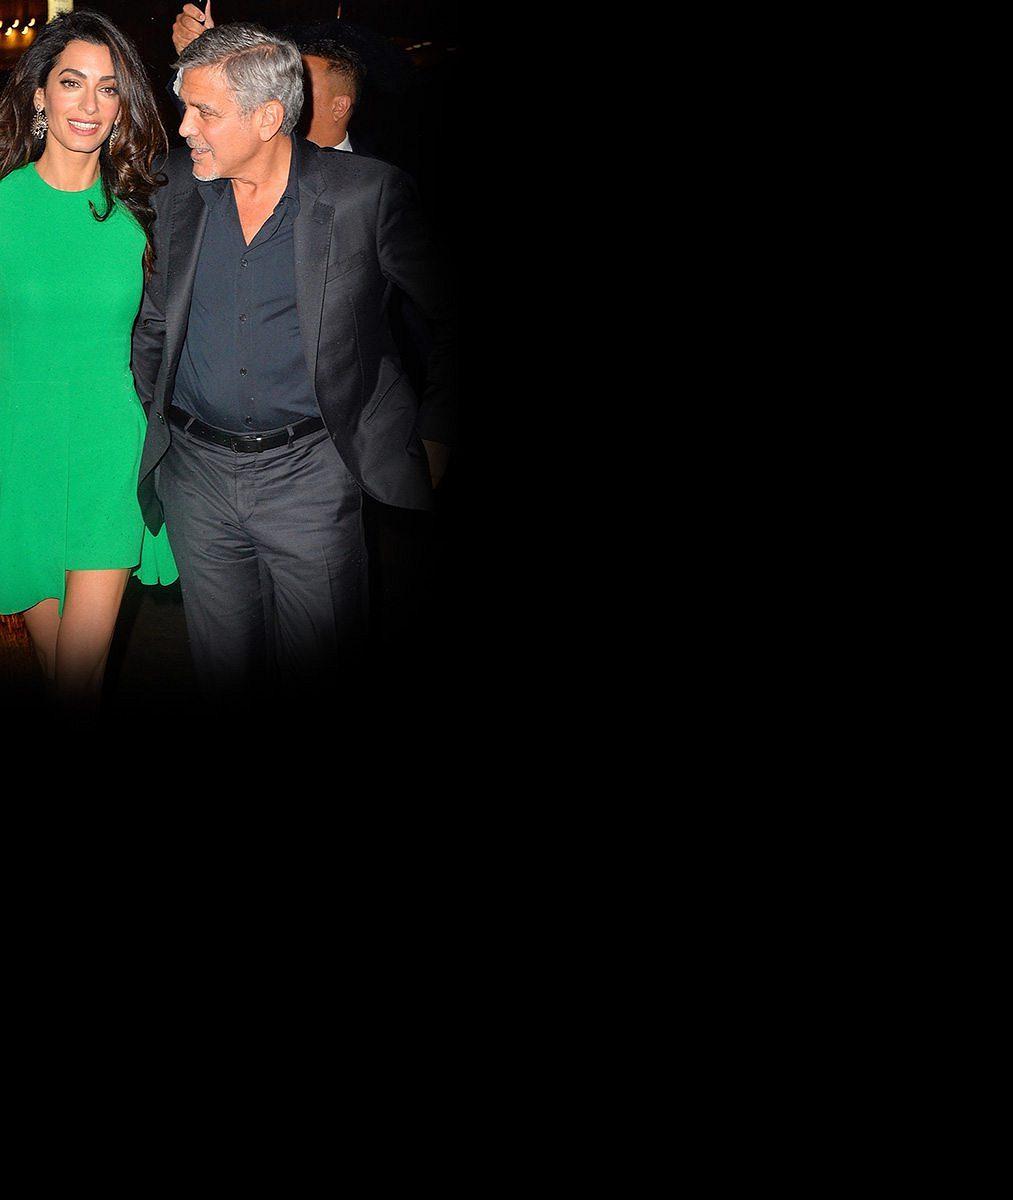 Vlající sukénka Clooneyho manželky odhalila její nekonečně dlouhé ahubené nohy